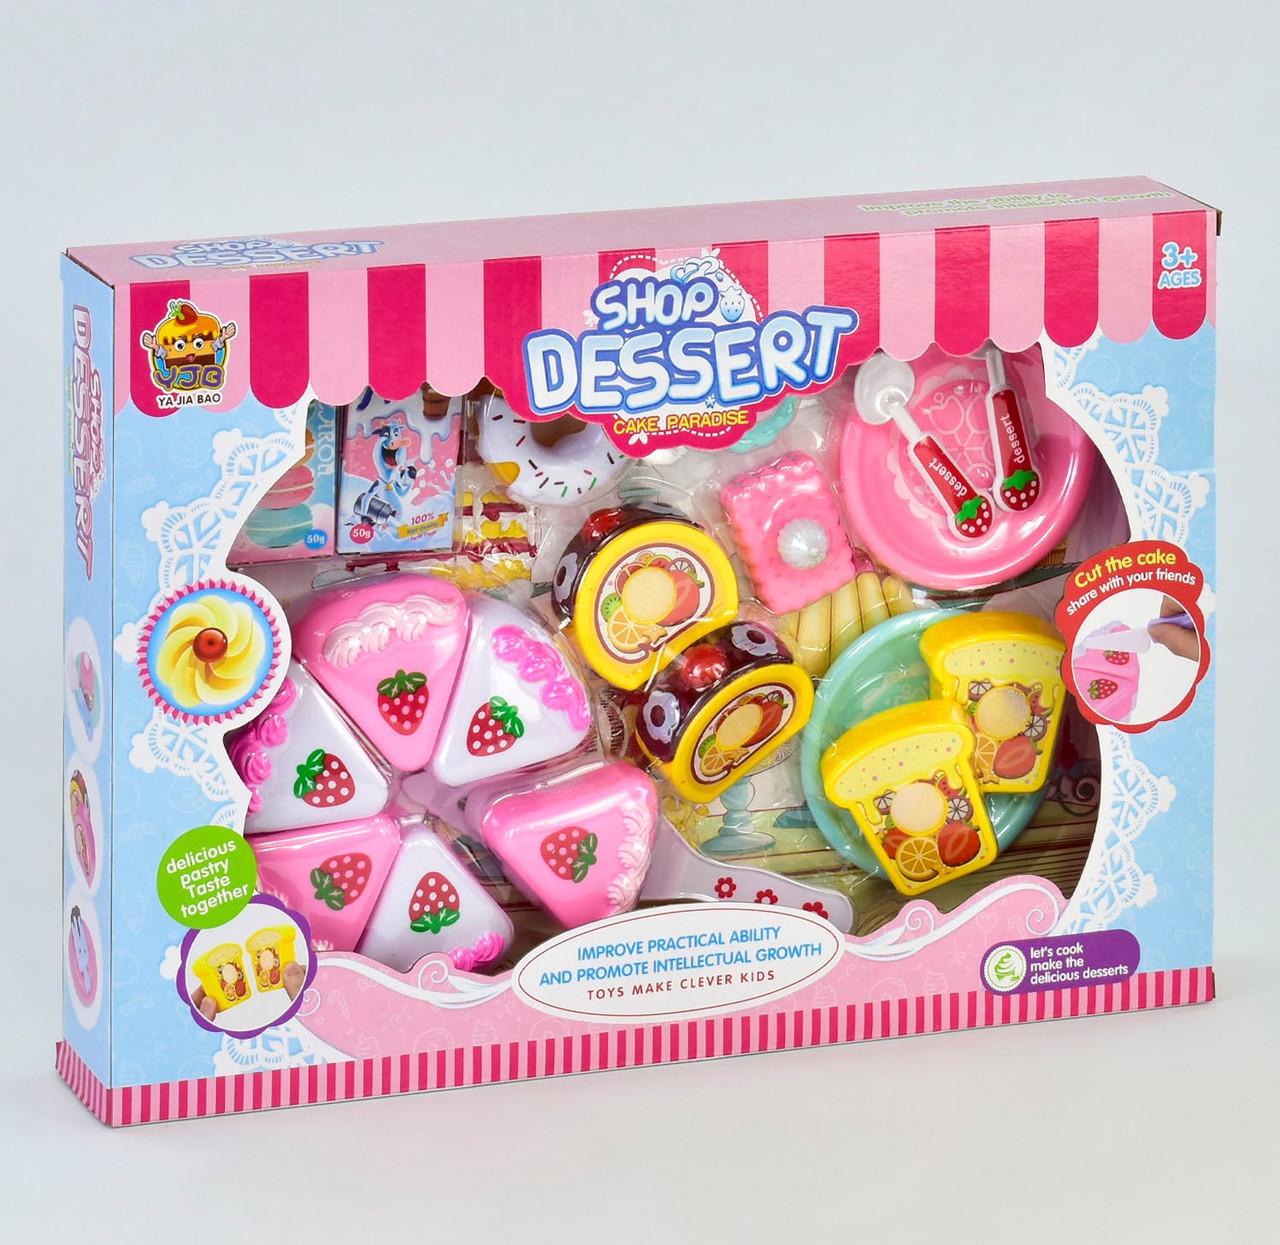 Ігровий набір Солодощі YJB 428 набір посуду і солодощів на липучках